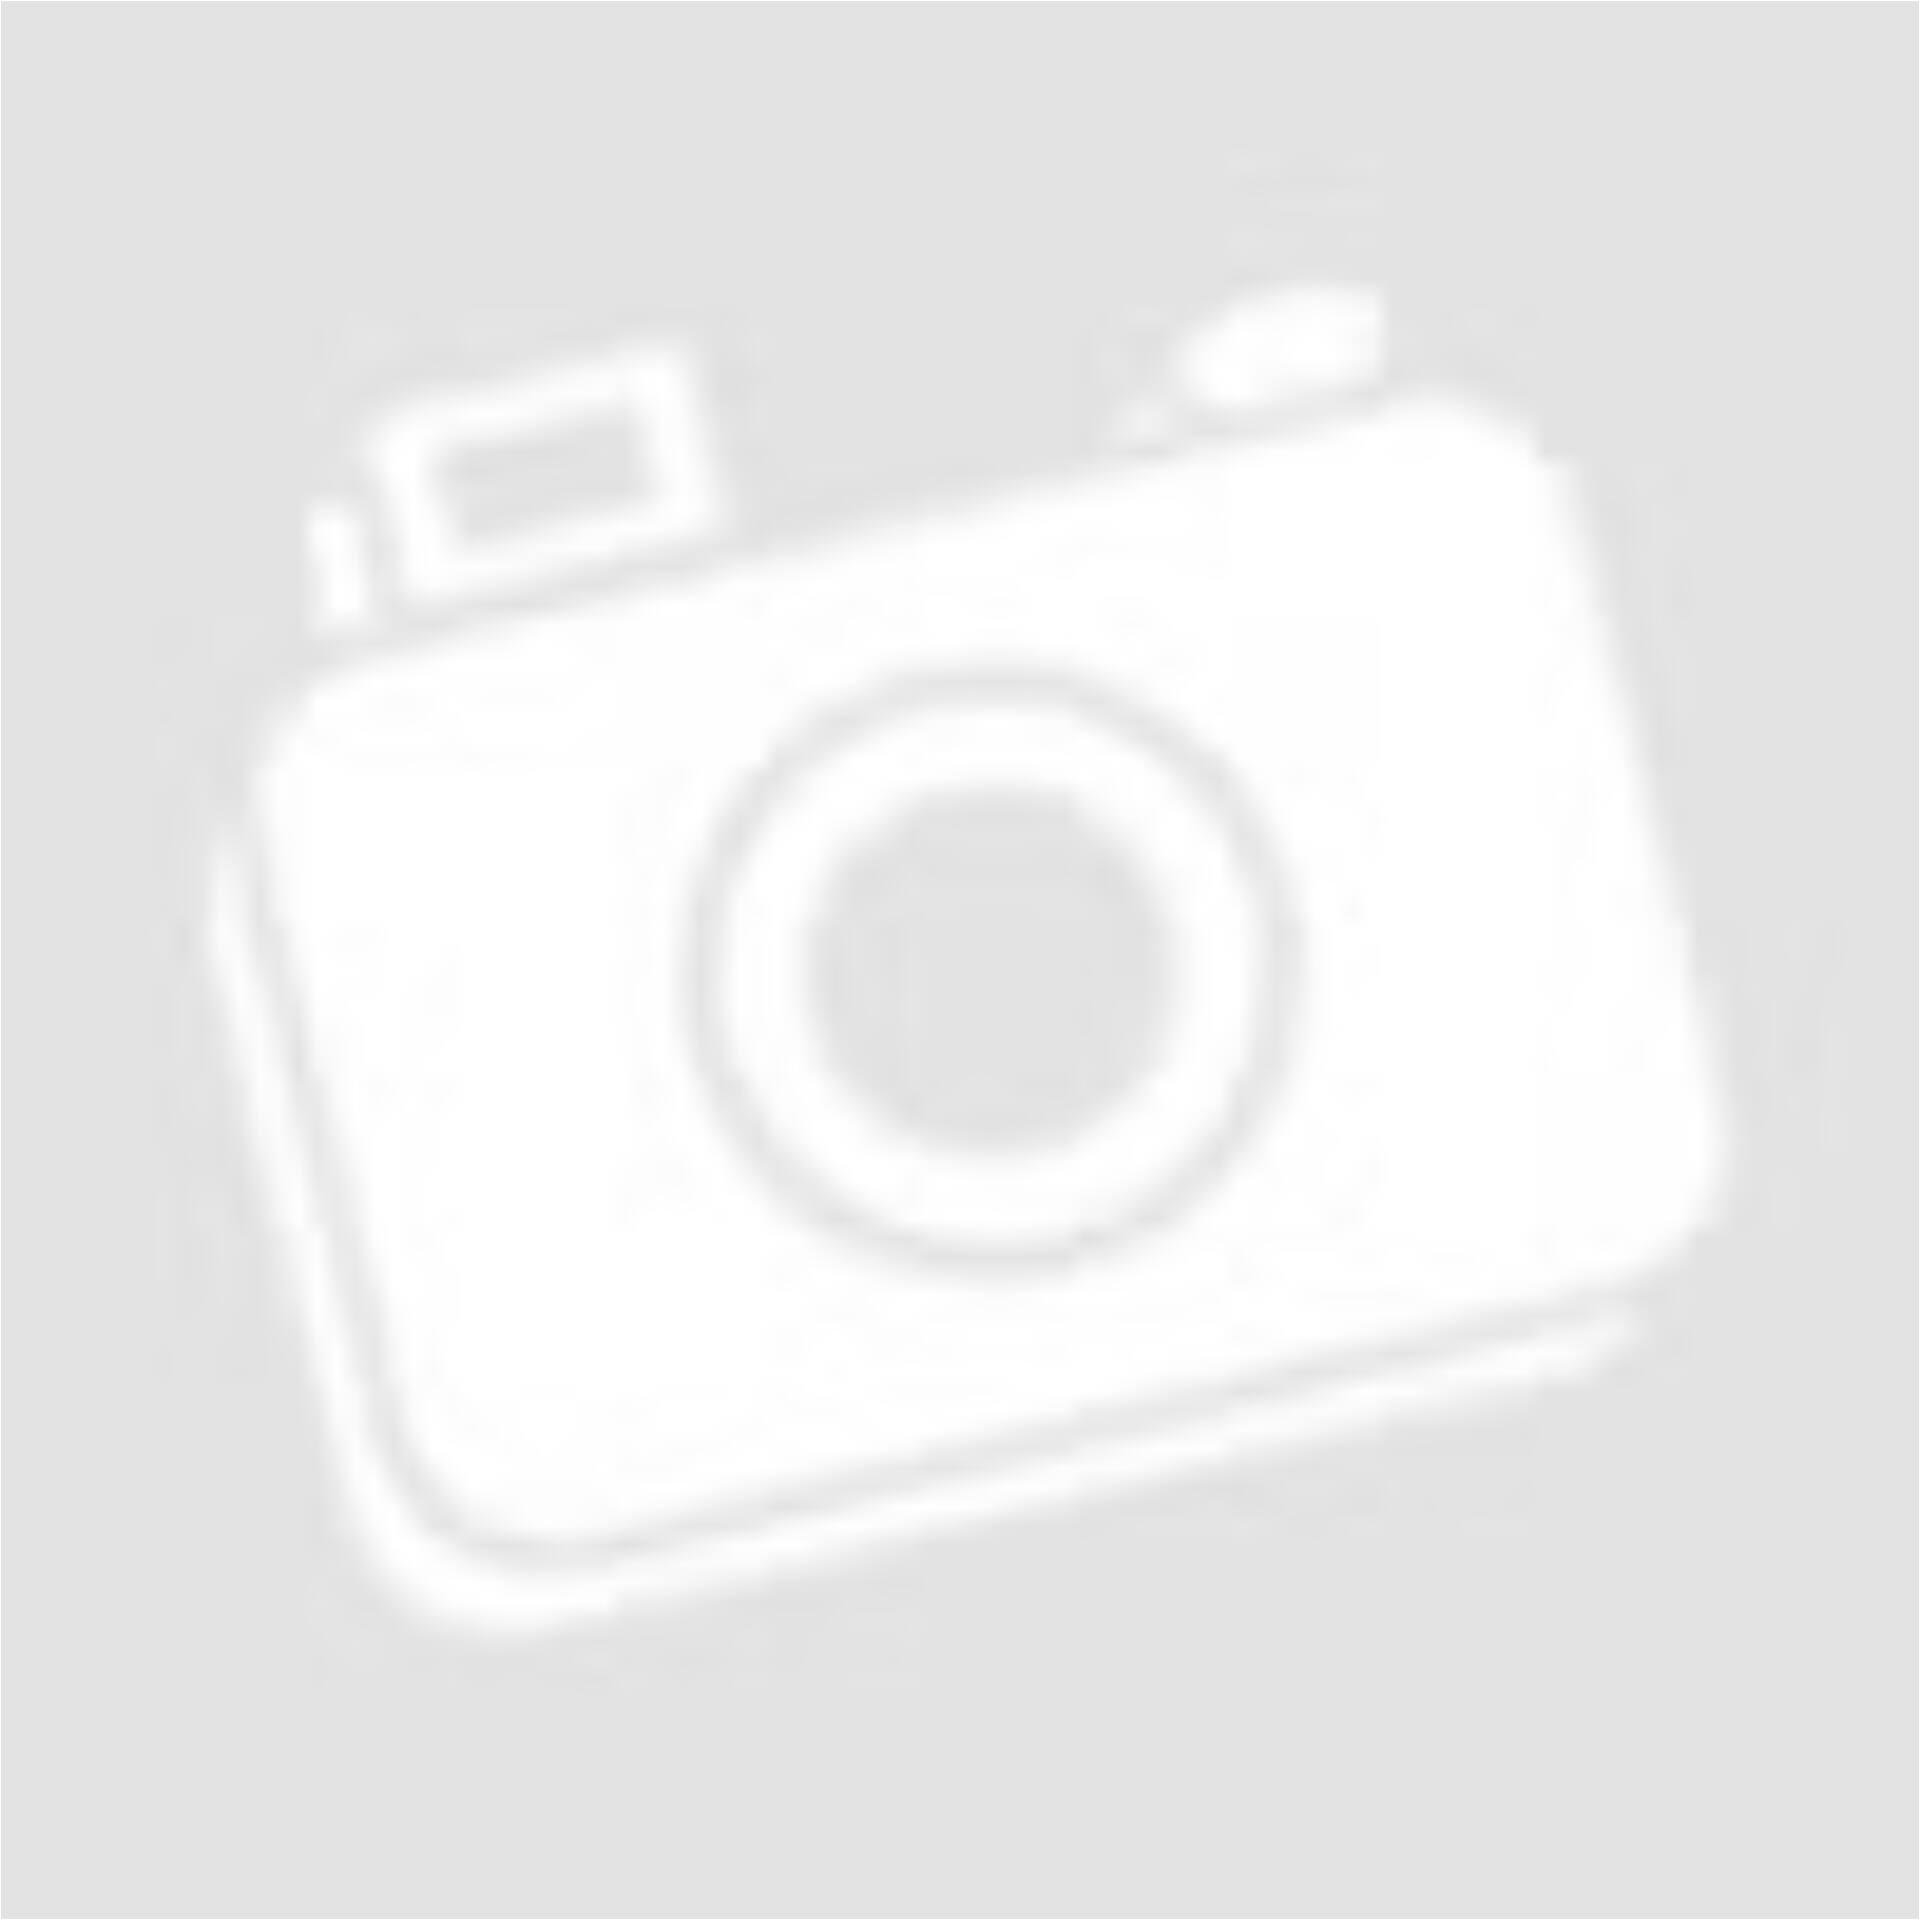 Hema neon rózsaszín pulóver (Méret  M) - Női pulóver 10d5df0d49